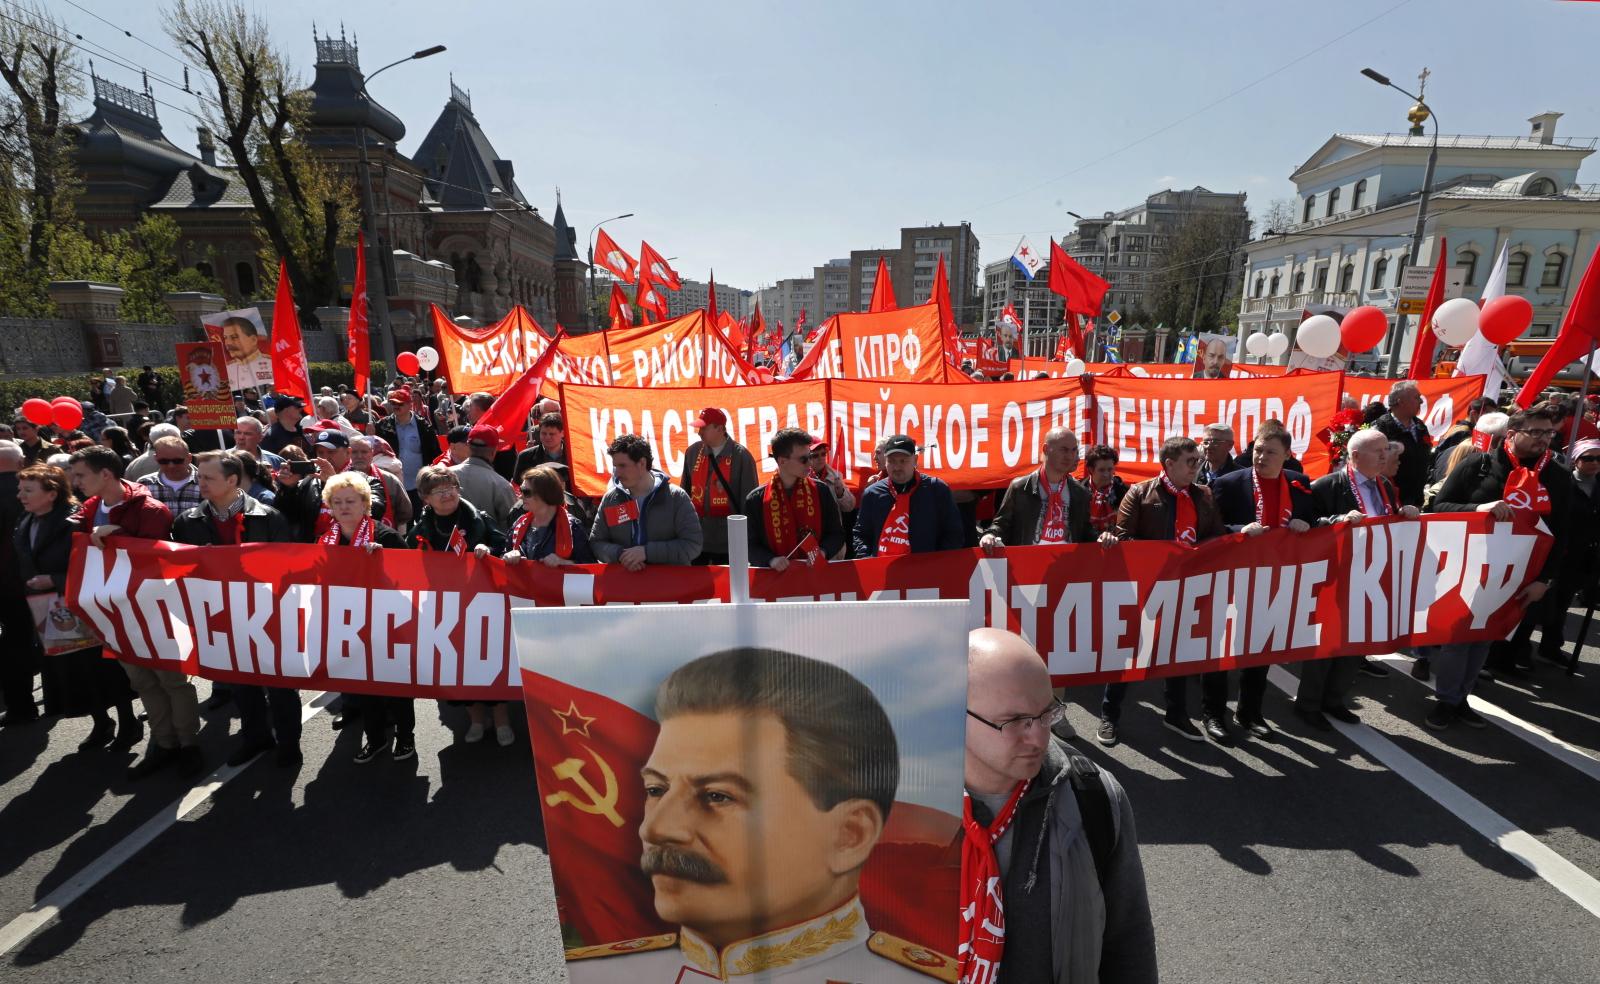 Święto Pracy w Rosji EPA/YURI KOCHETKOV